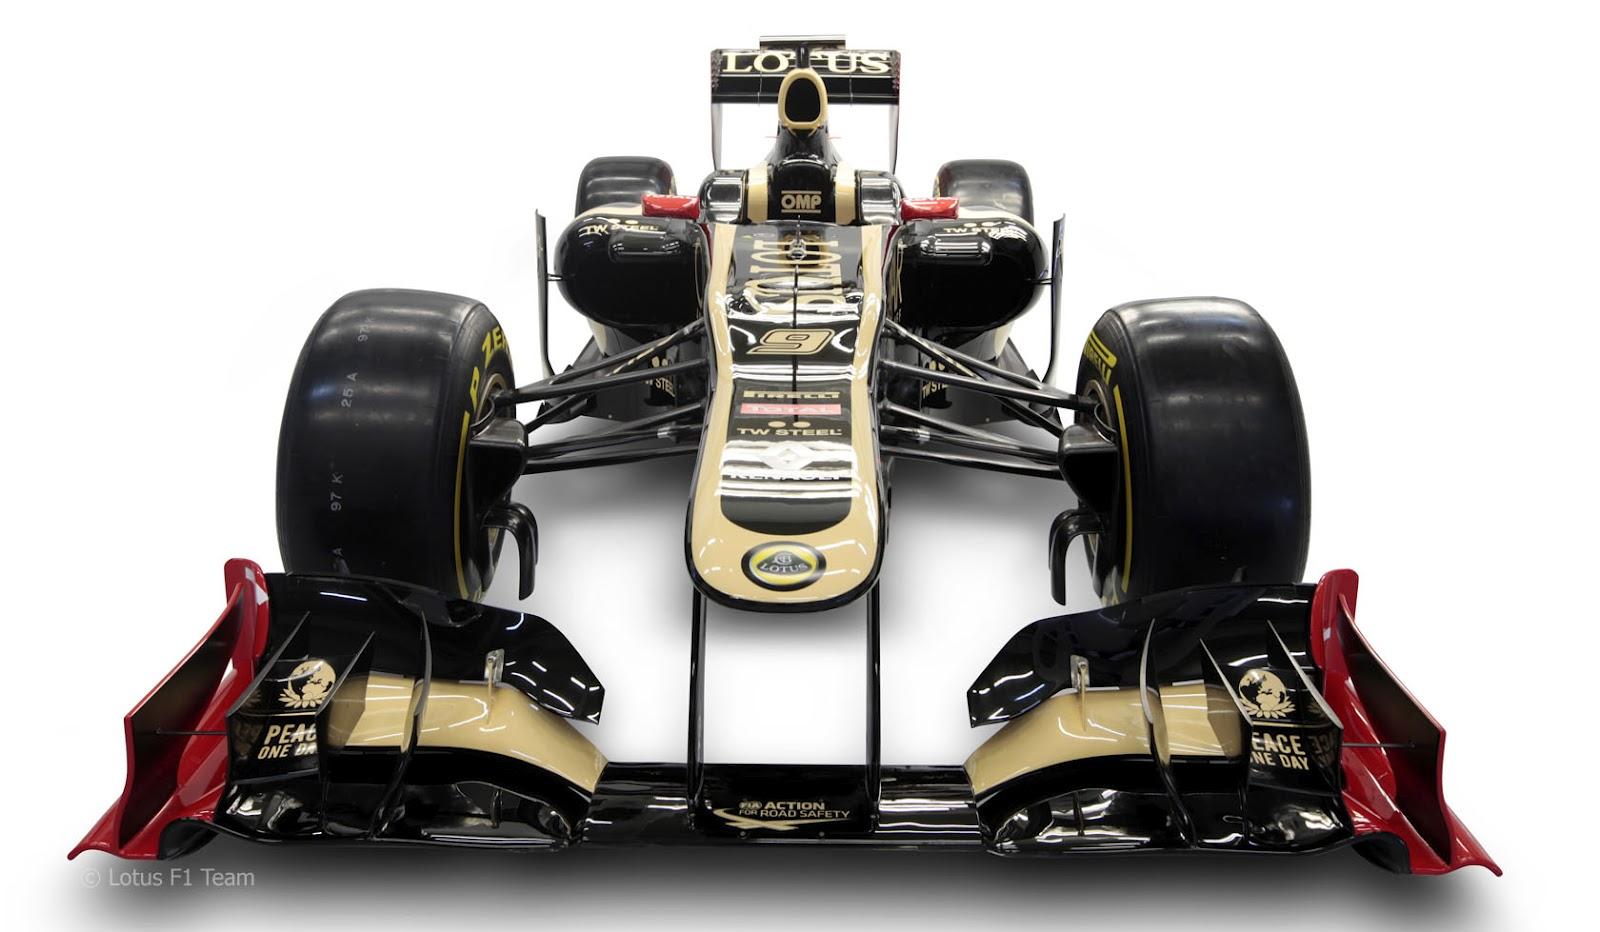 Lotus F1 Team E20 2012 Wallpaper - KFZoom